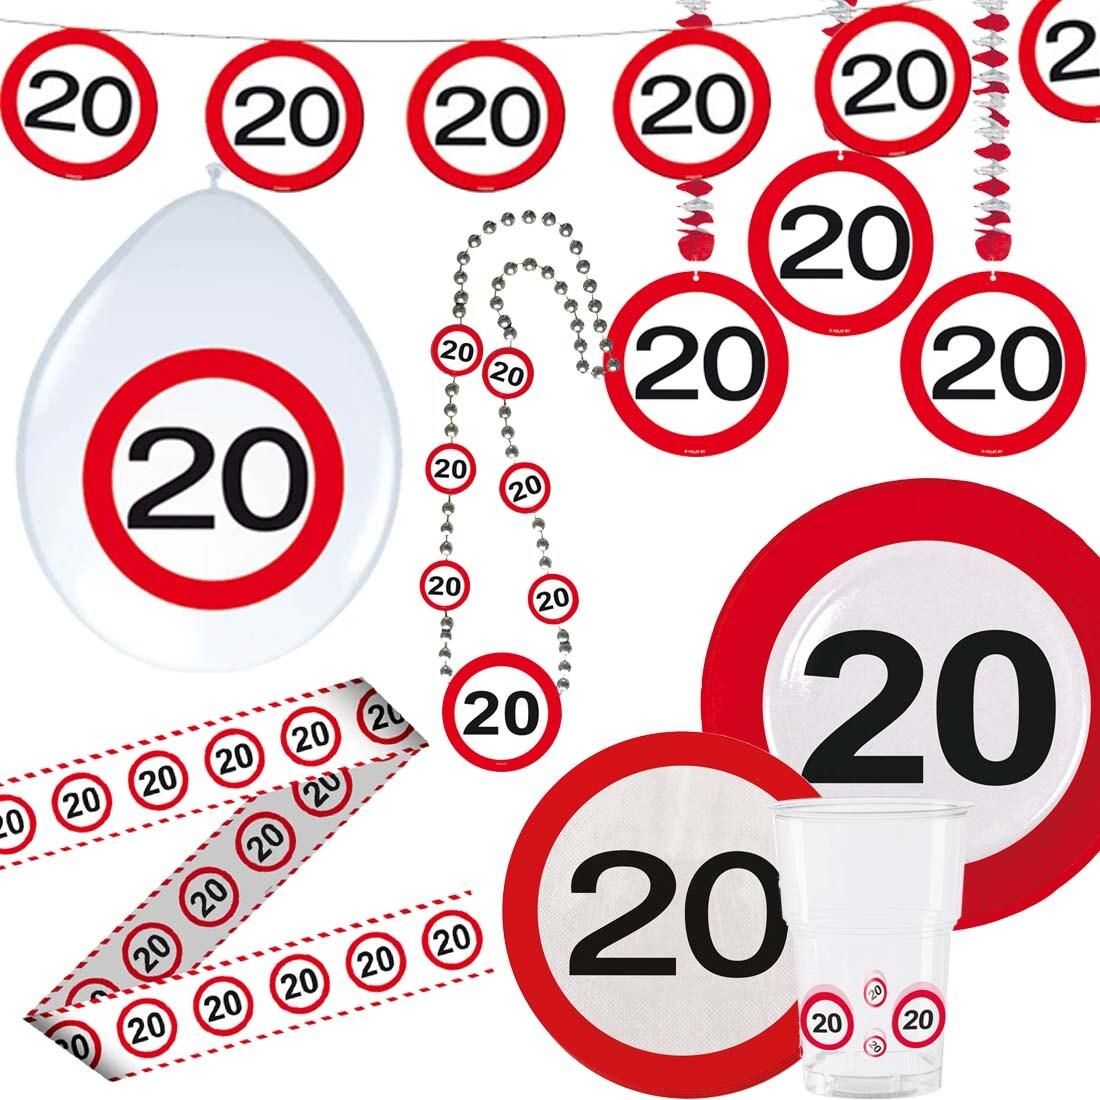 Kunststoffbecher 20er Geburtstag Becher Verkehrsschilder 350 ml Partybecher